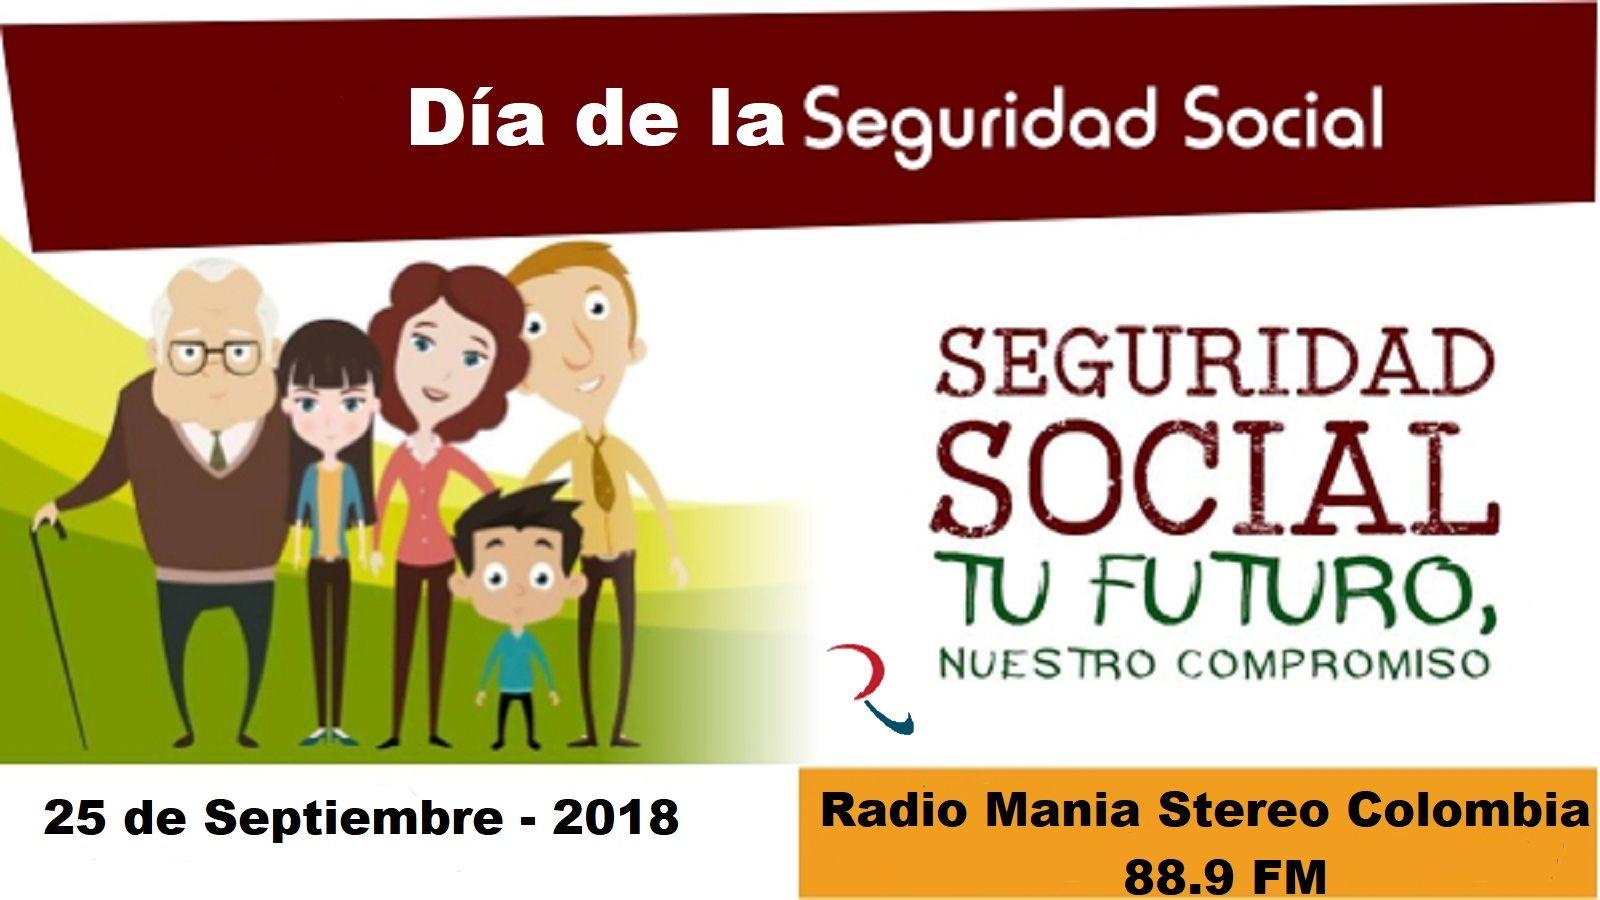 Dia De La Seguridad Social 2018 Con Imagenes Seguridad Social